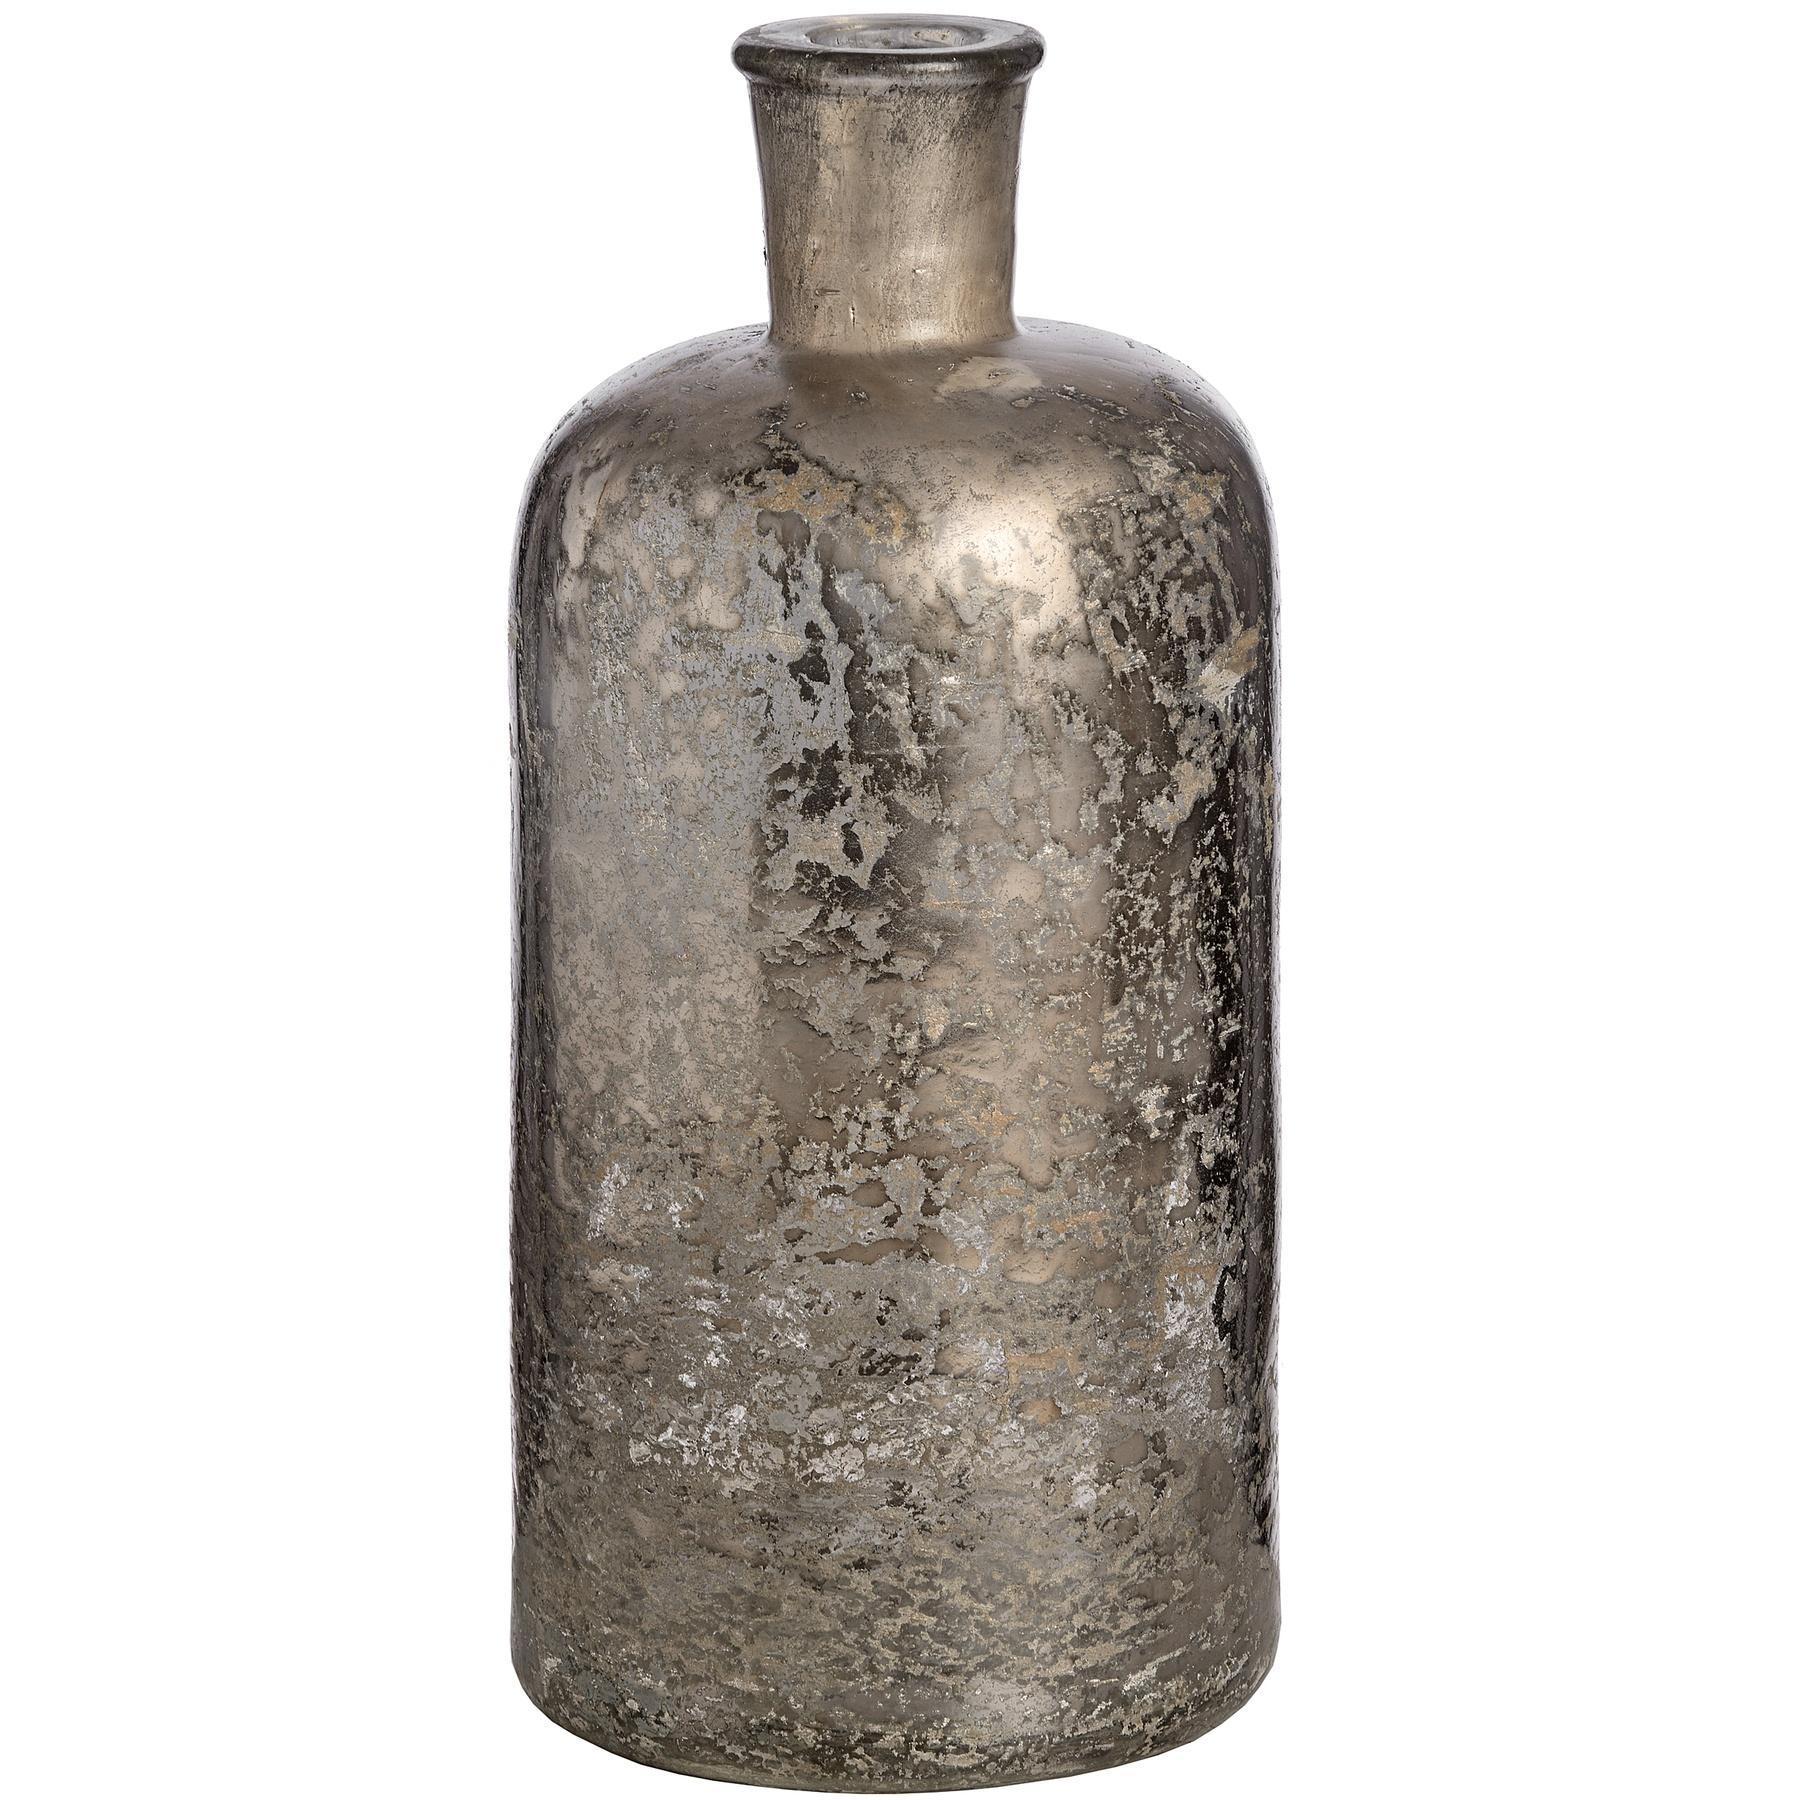 Antique Silver Mercury Glass Bottle Vase